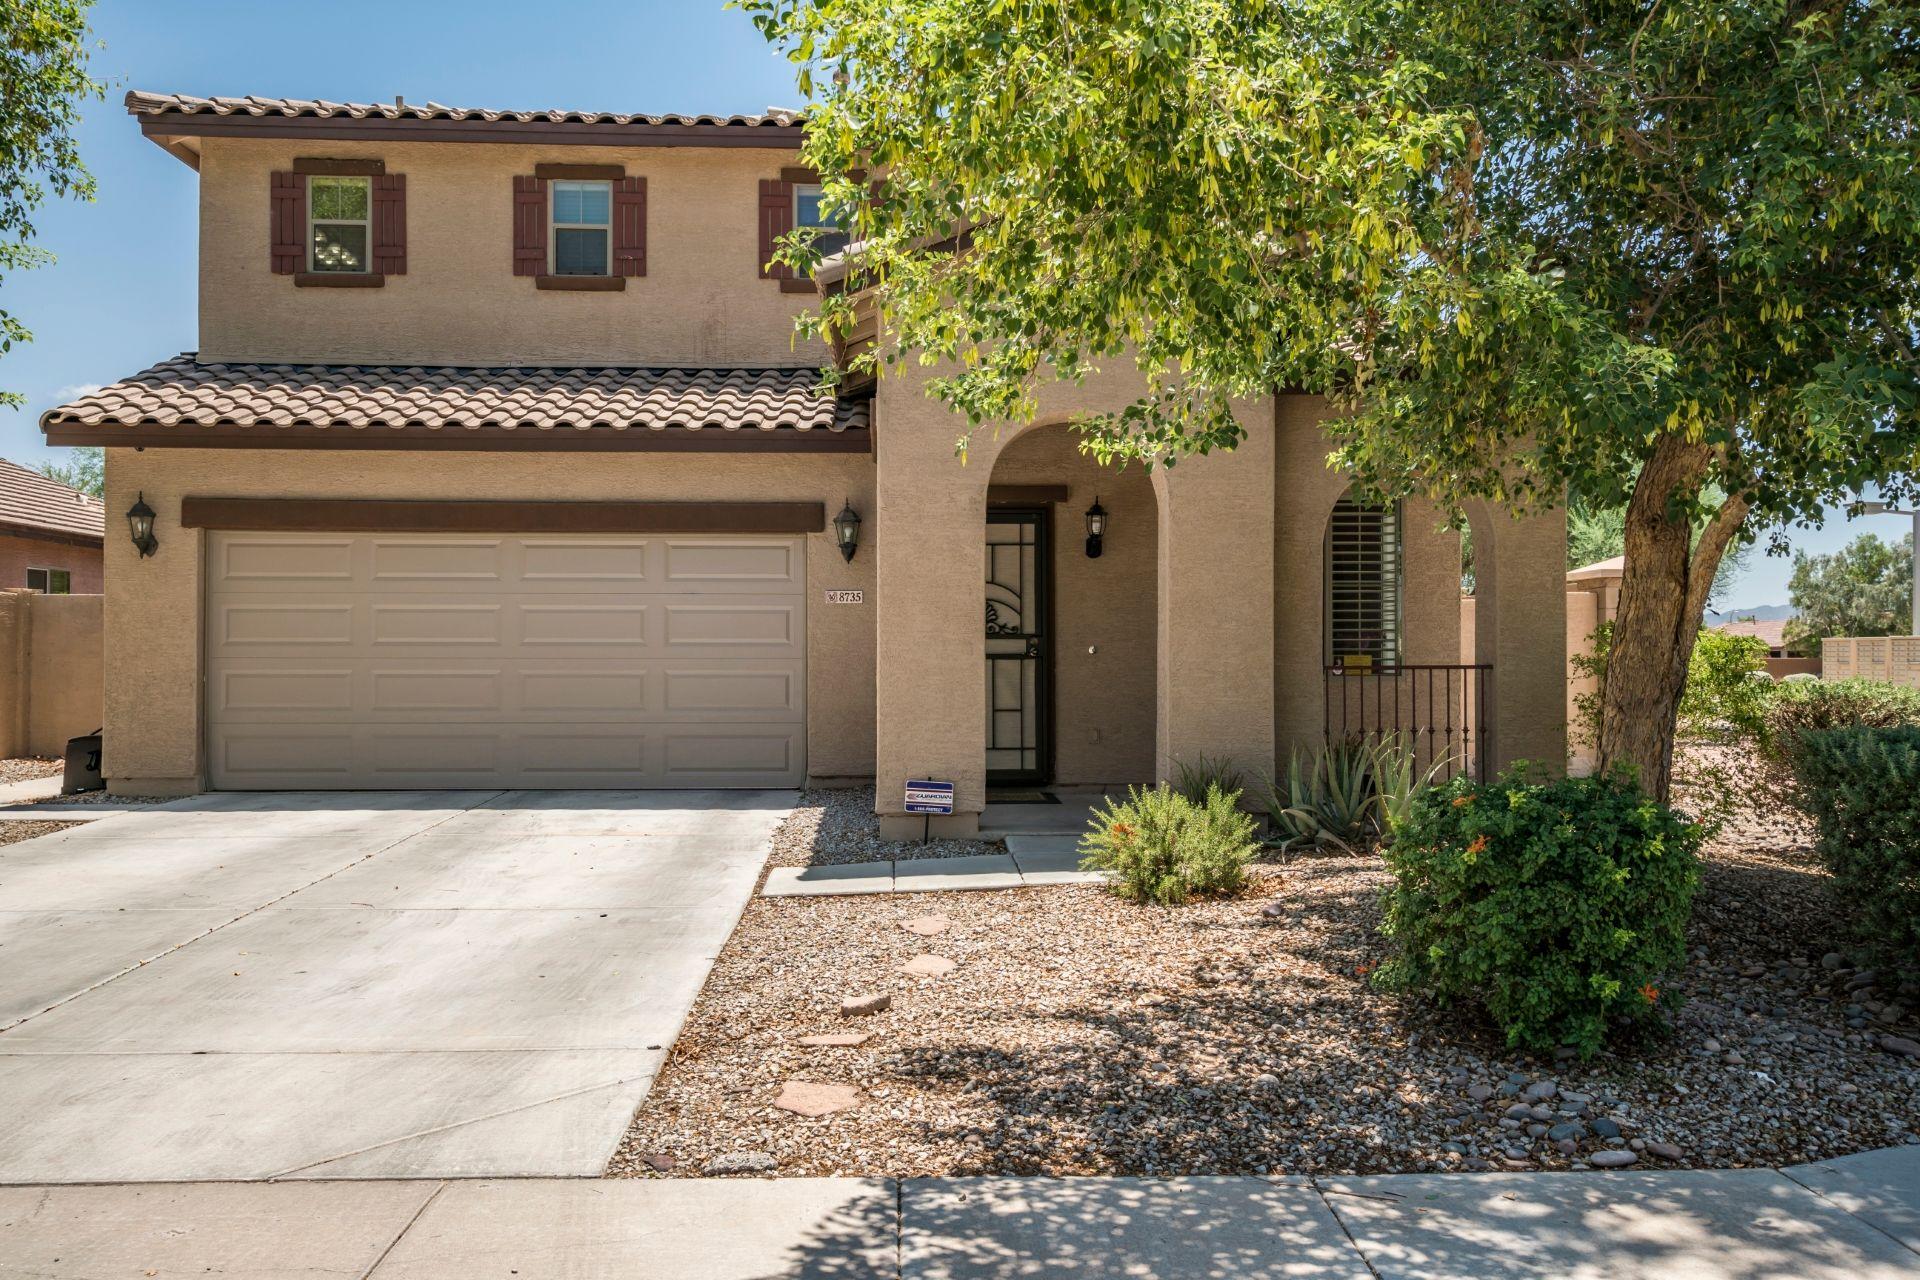 8735 W Preston Ln For Sale - Tolleson, AZ | Trulia